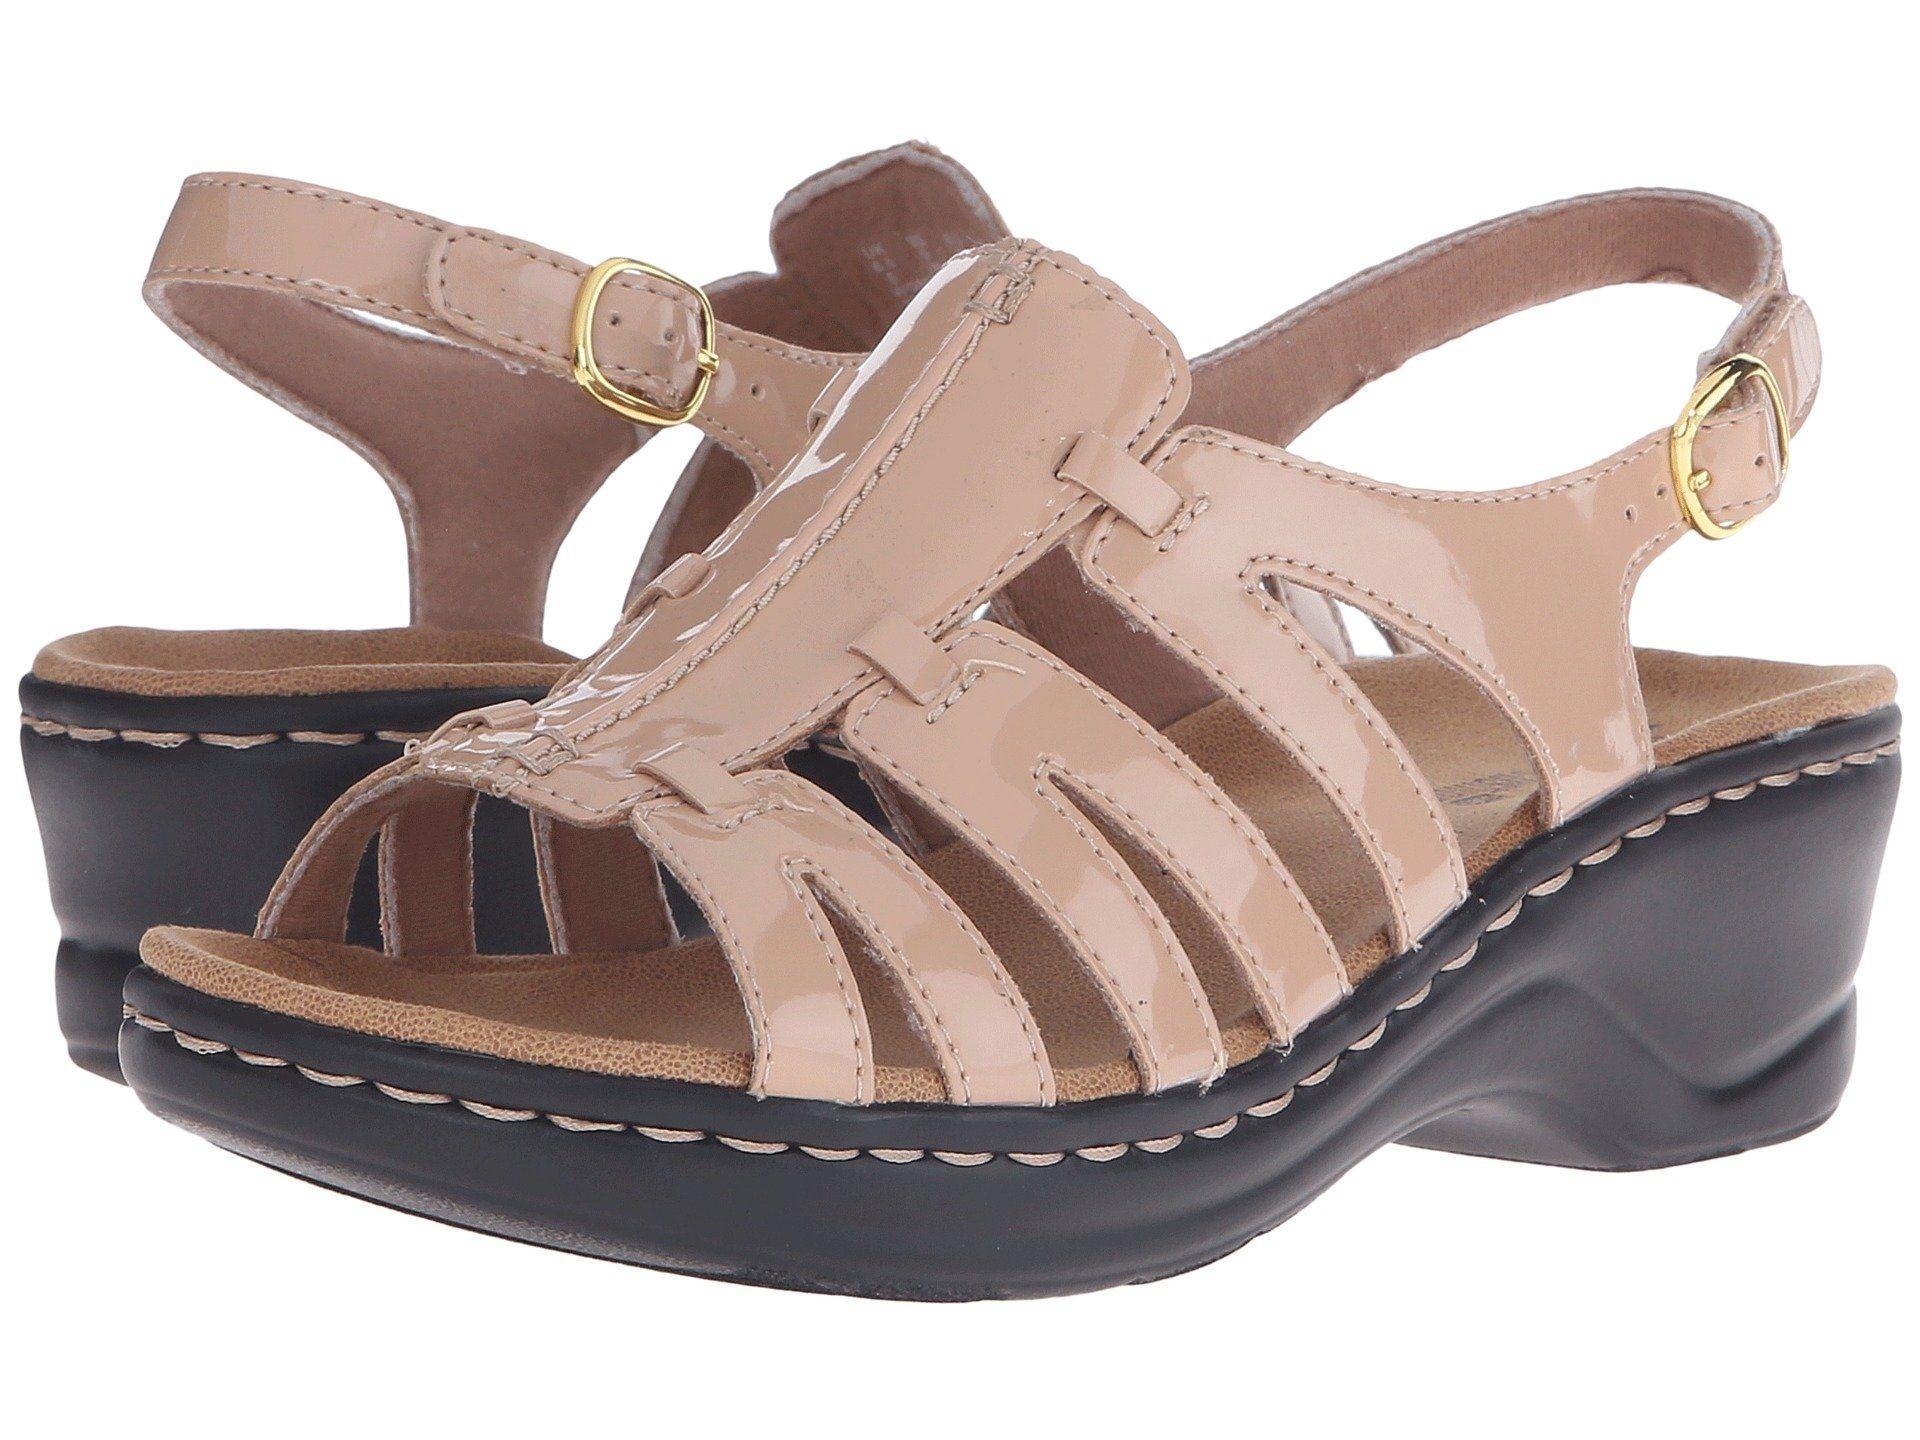 739bca66e8 Clarks Lexi Marigold Q Price in Egypt | Jumia | Shoes | kanbkam